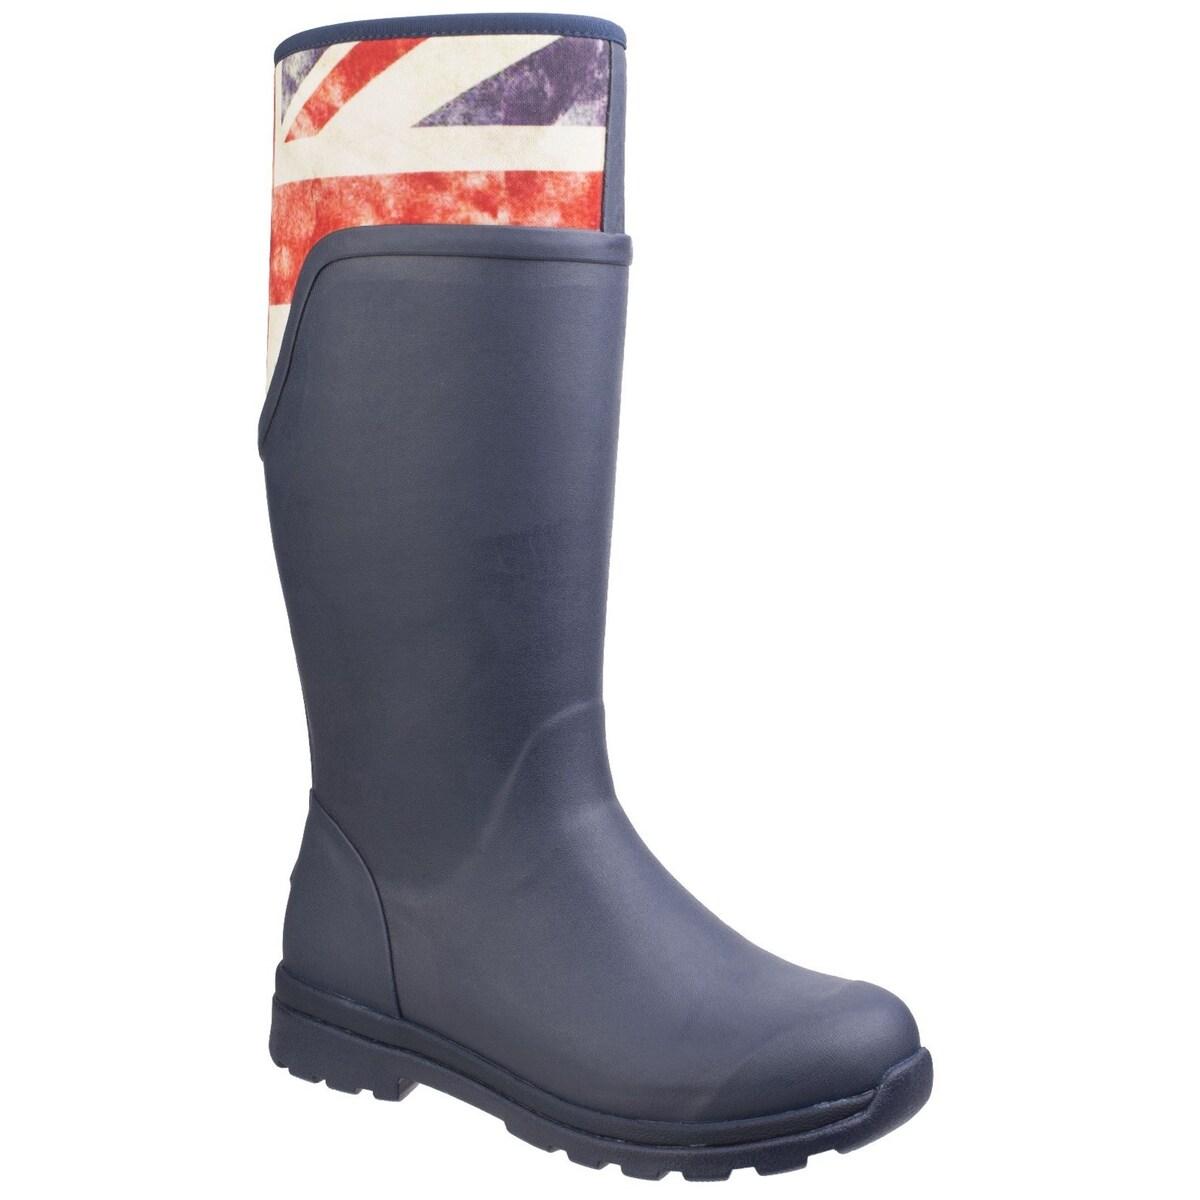 (マックブーツ) Muck Boots レディース Cambridge ウェリントンブーツ 防水 婦人長靴 ガーデニング 女性用 【海外直送】